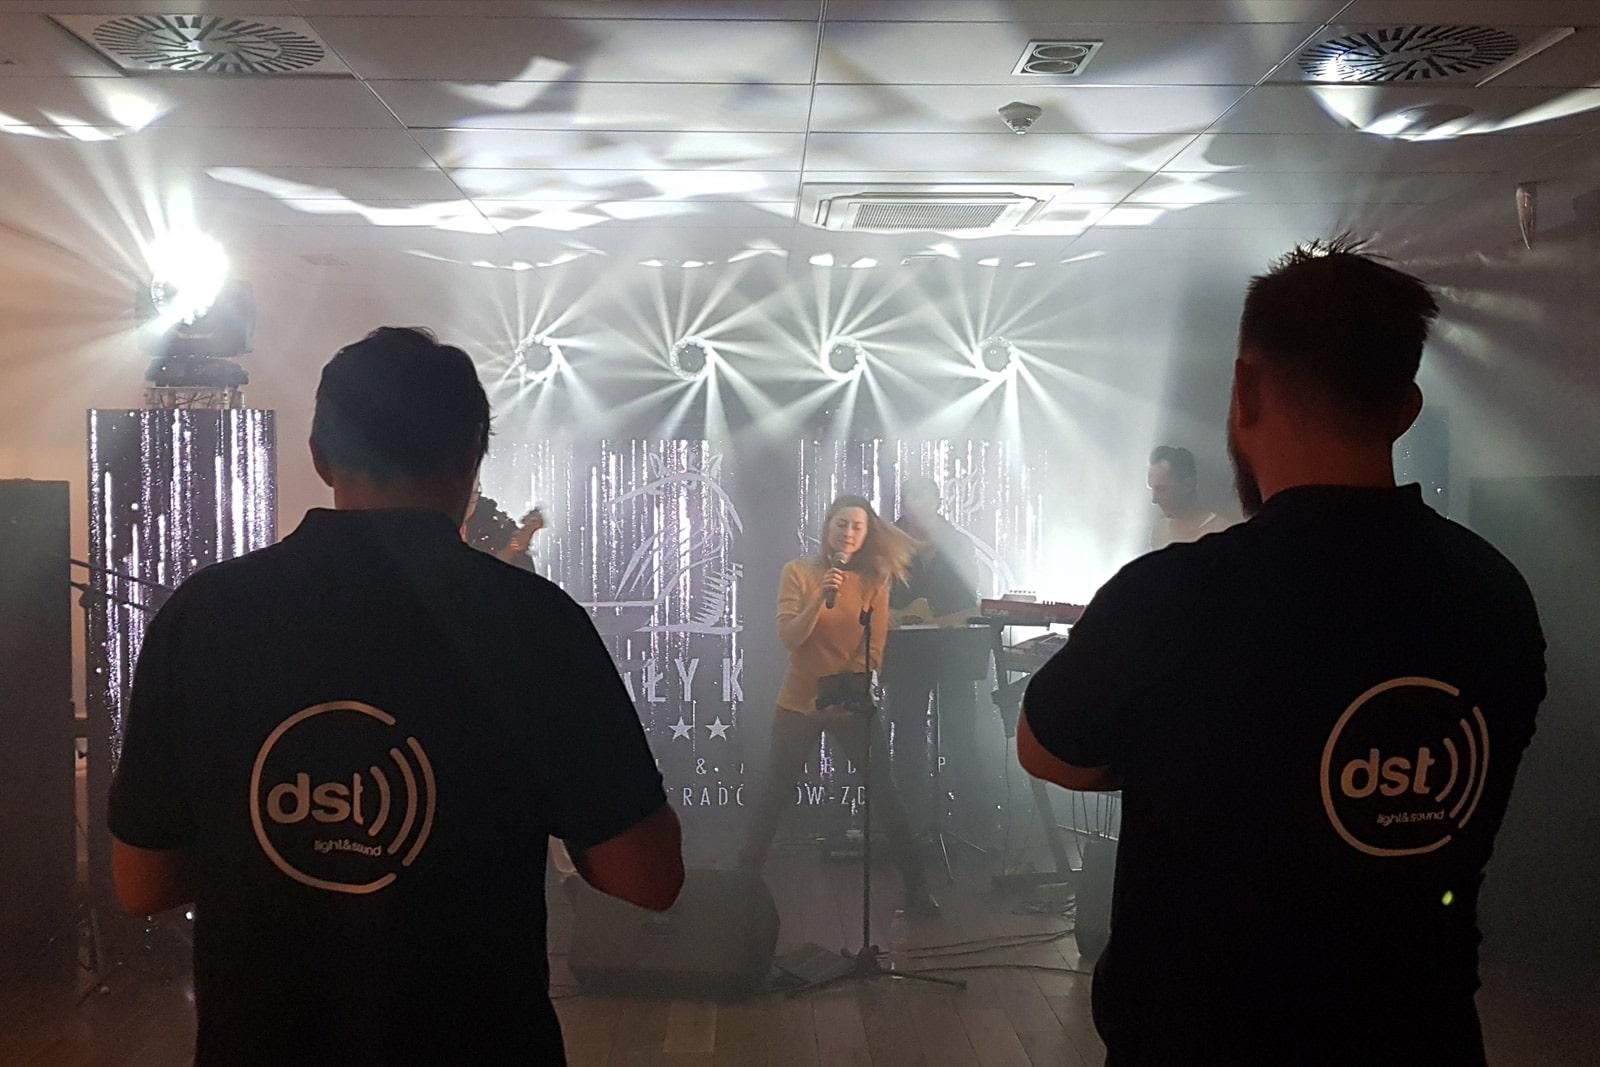 Realizacja dźwięku i oświetlenia scena we Wrocławiu